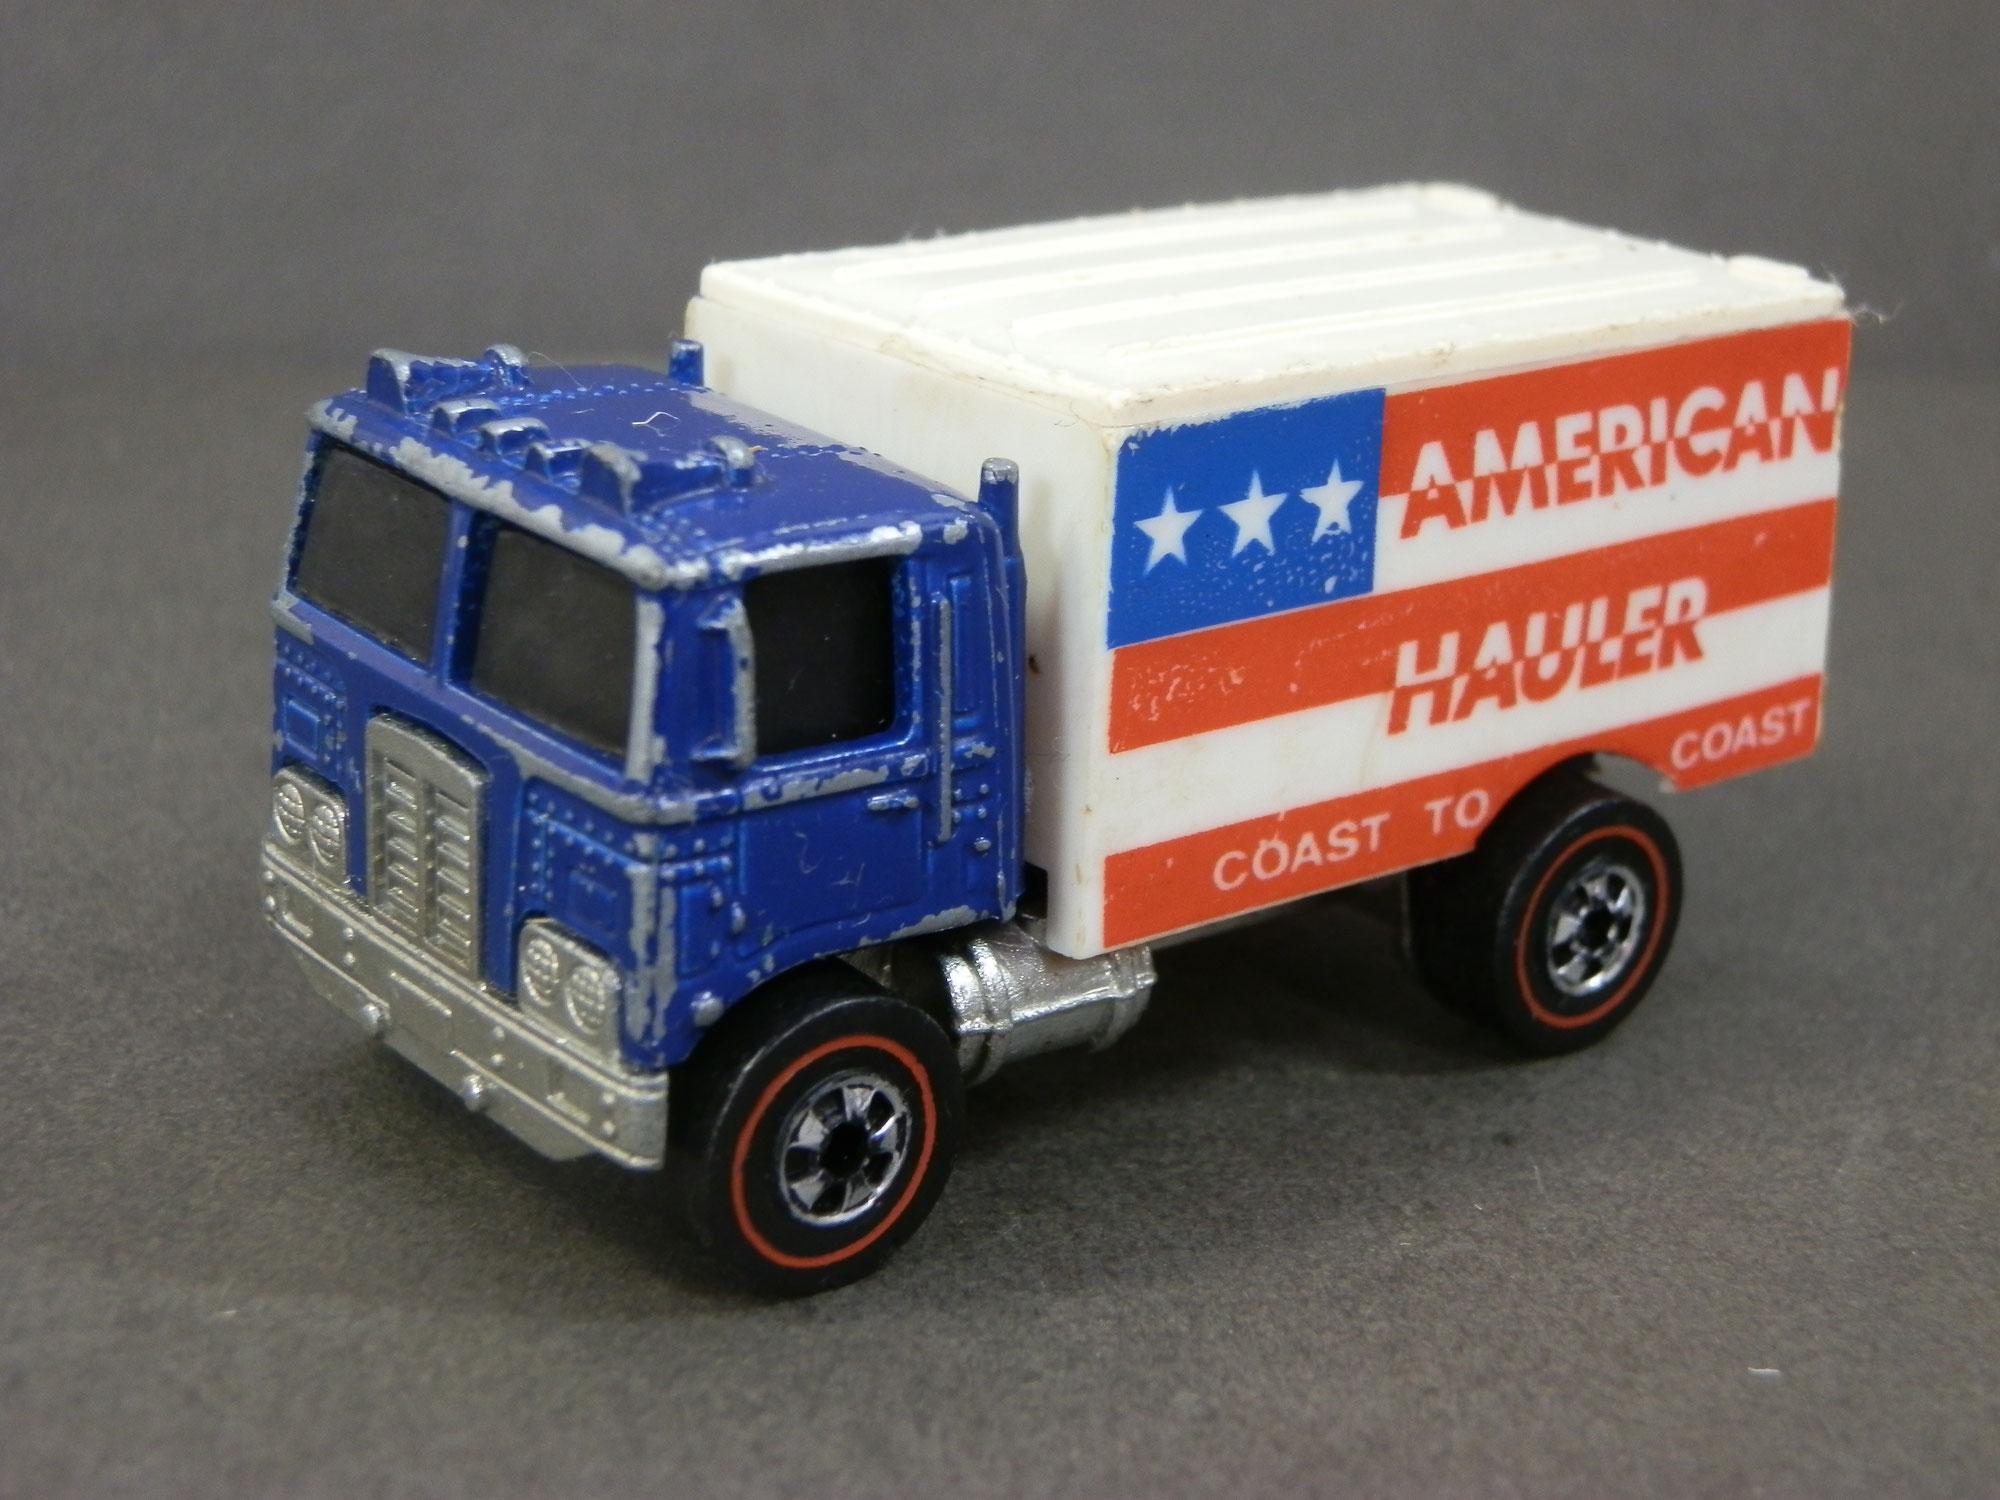 【ミニカー買取】ホットウィール 香港製/トラック   1973 American Hauler Hong Kong Redline   Hot Wheels Truck|東京都八王子市